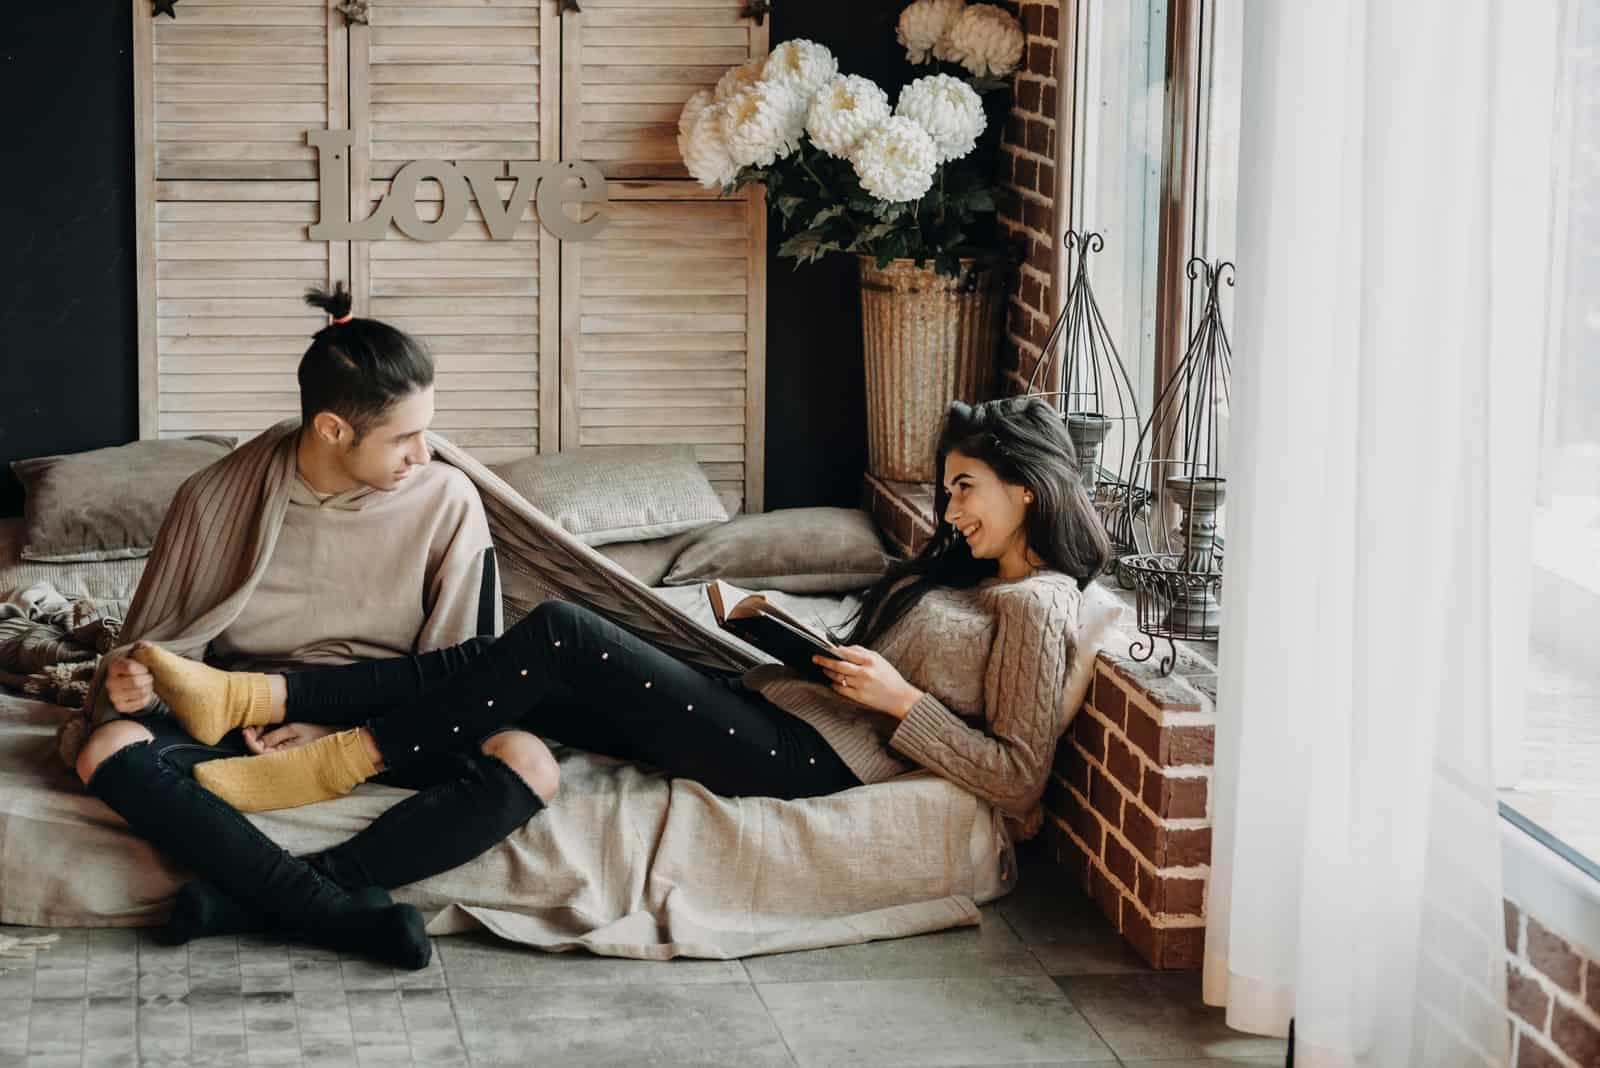 un couple d'amoureux heureux assis dans la maison et s'amuser